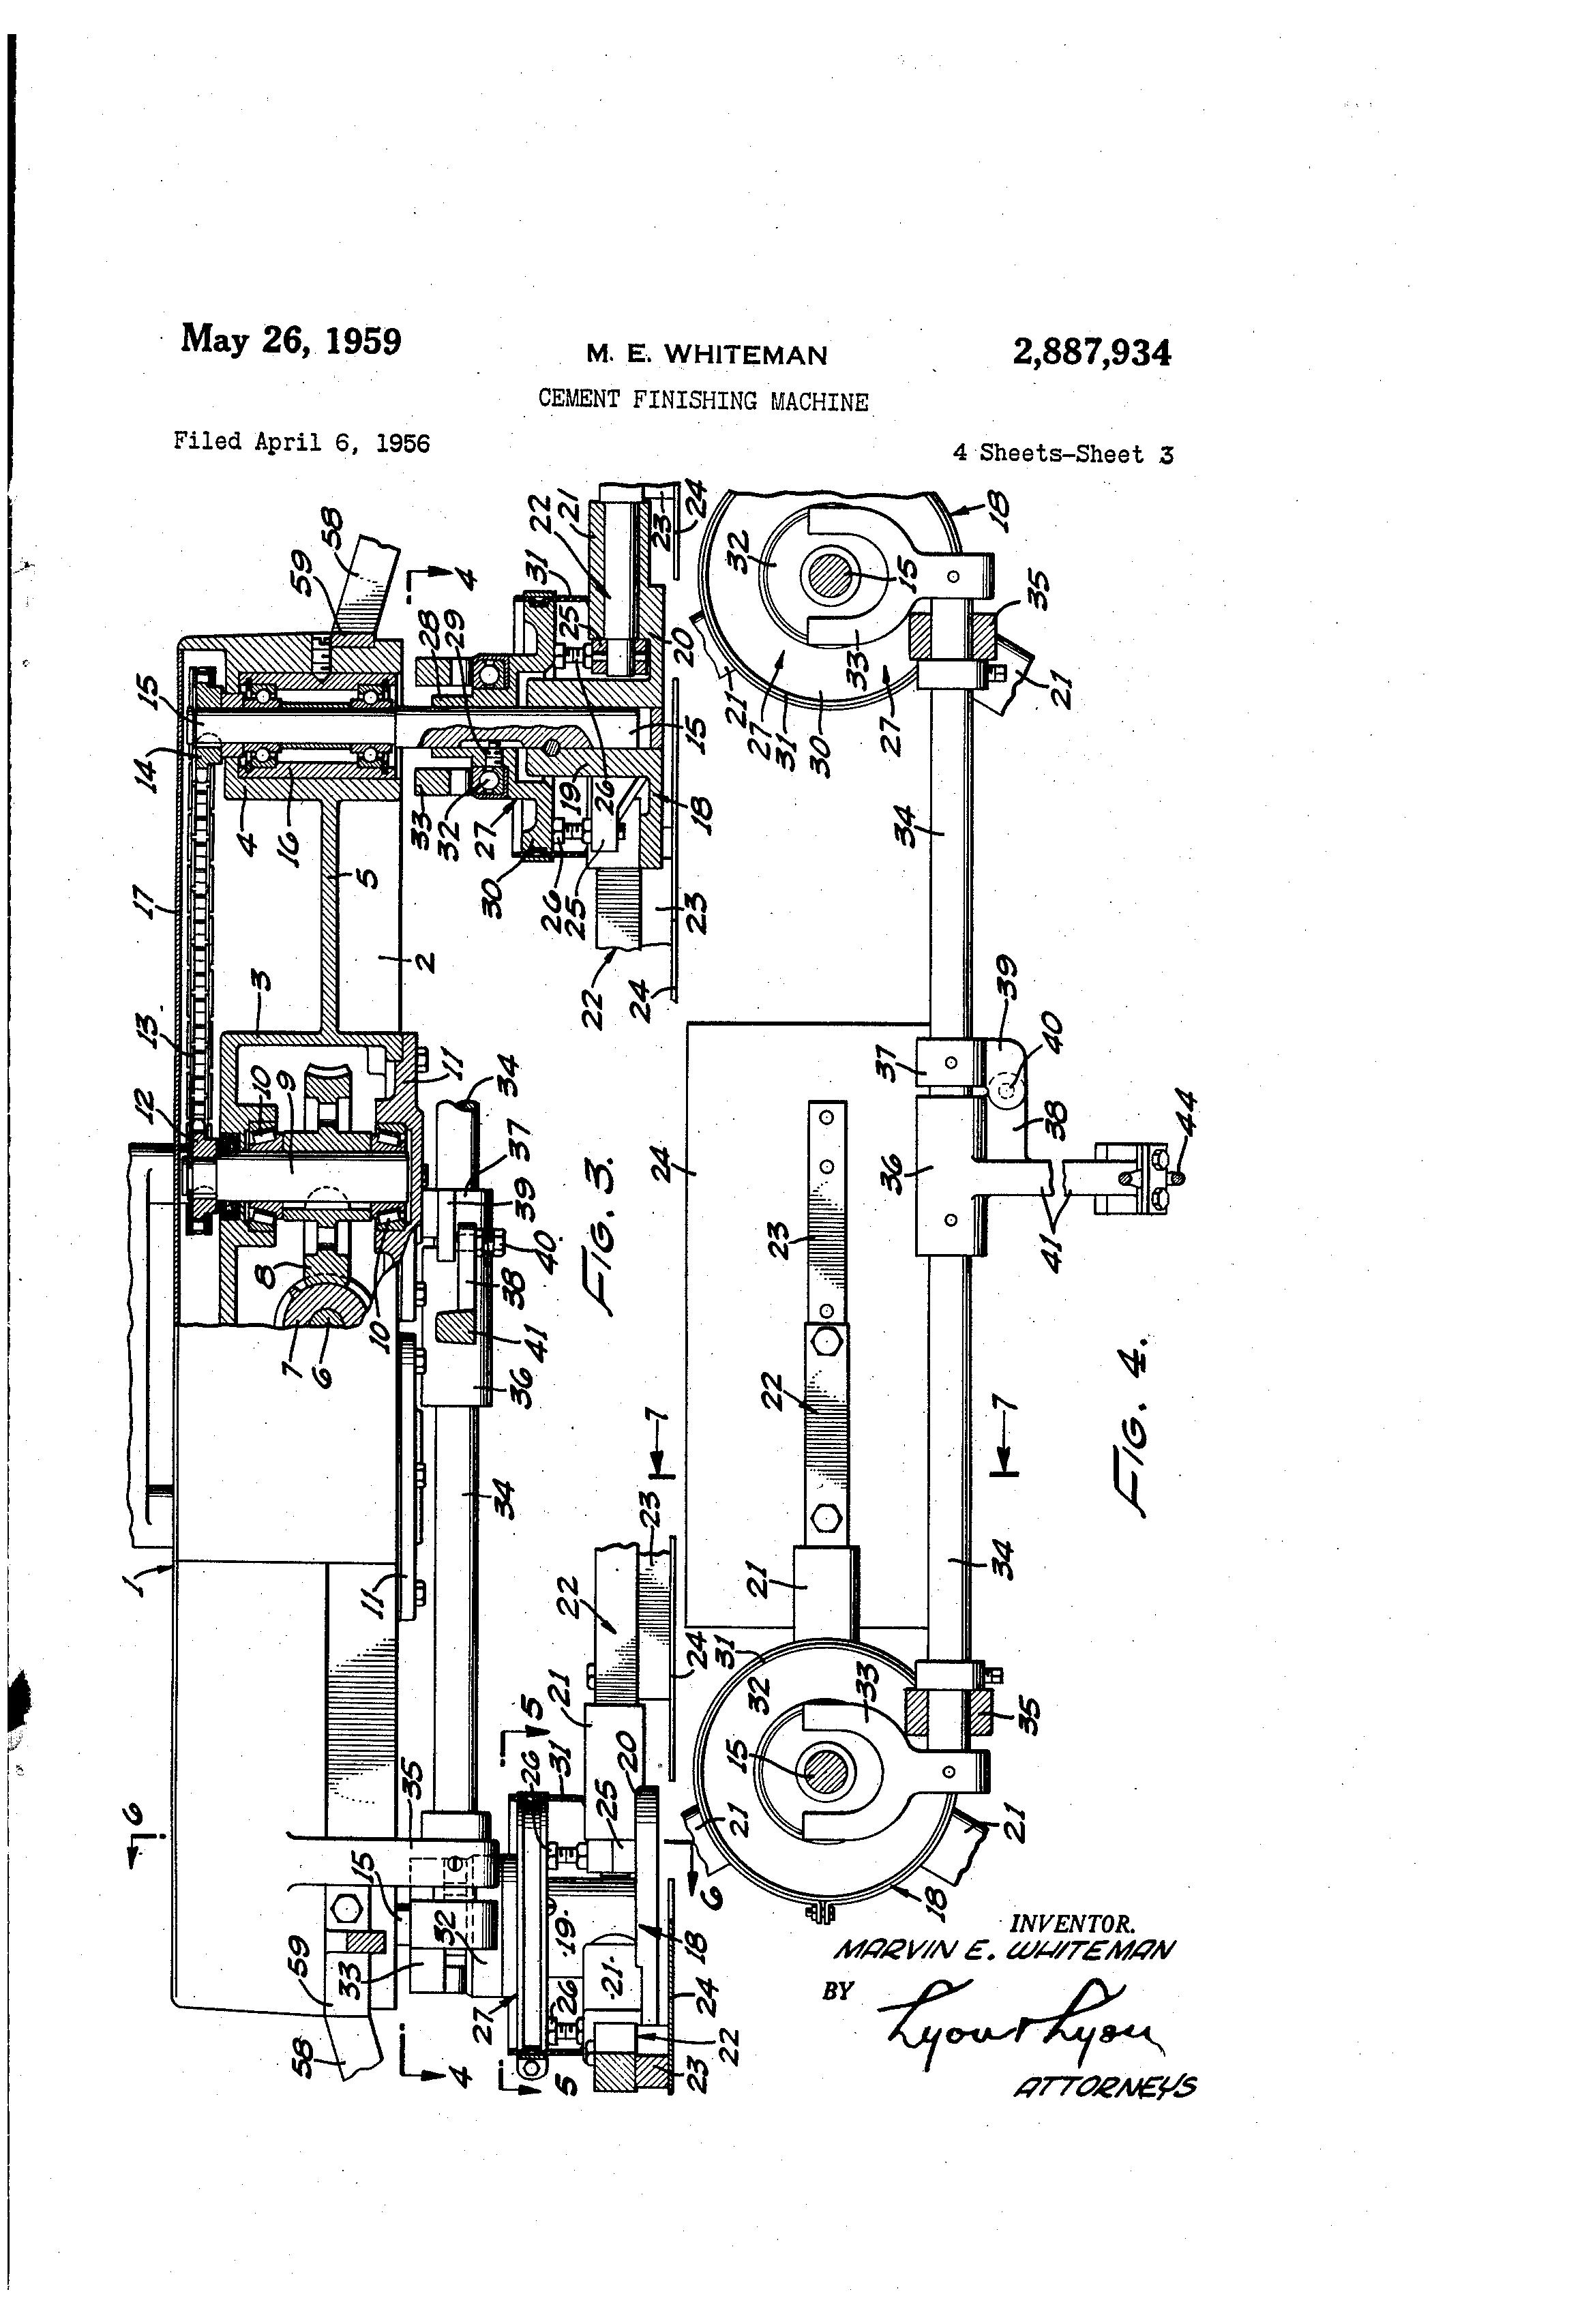 cement finishing machine